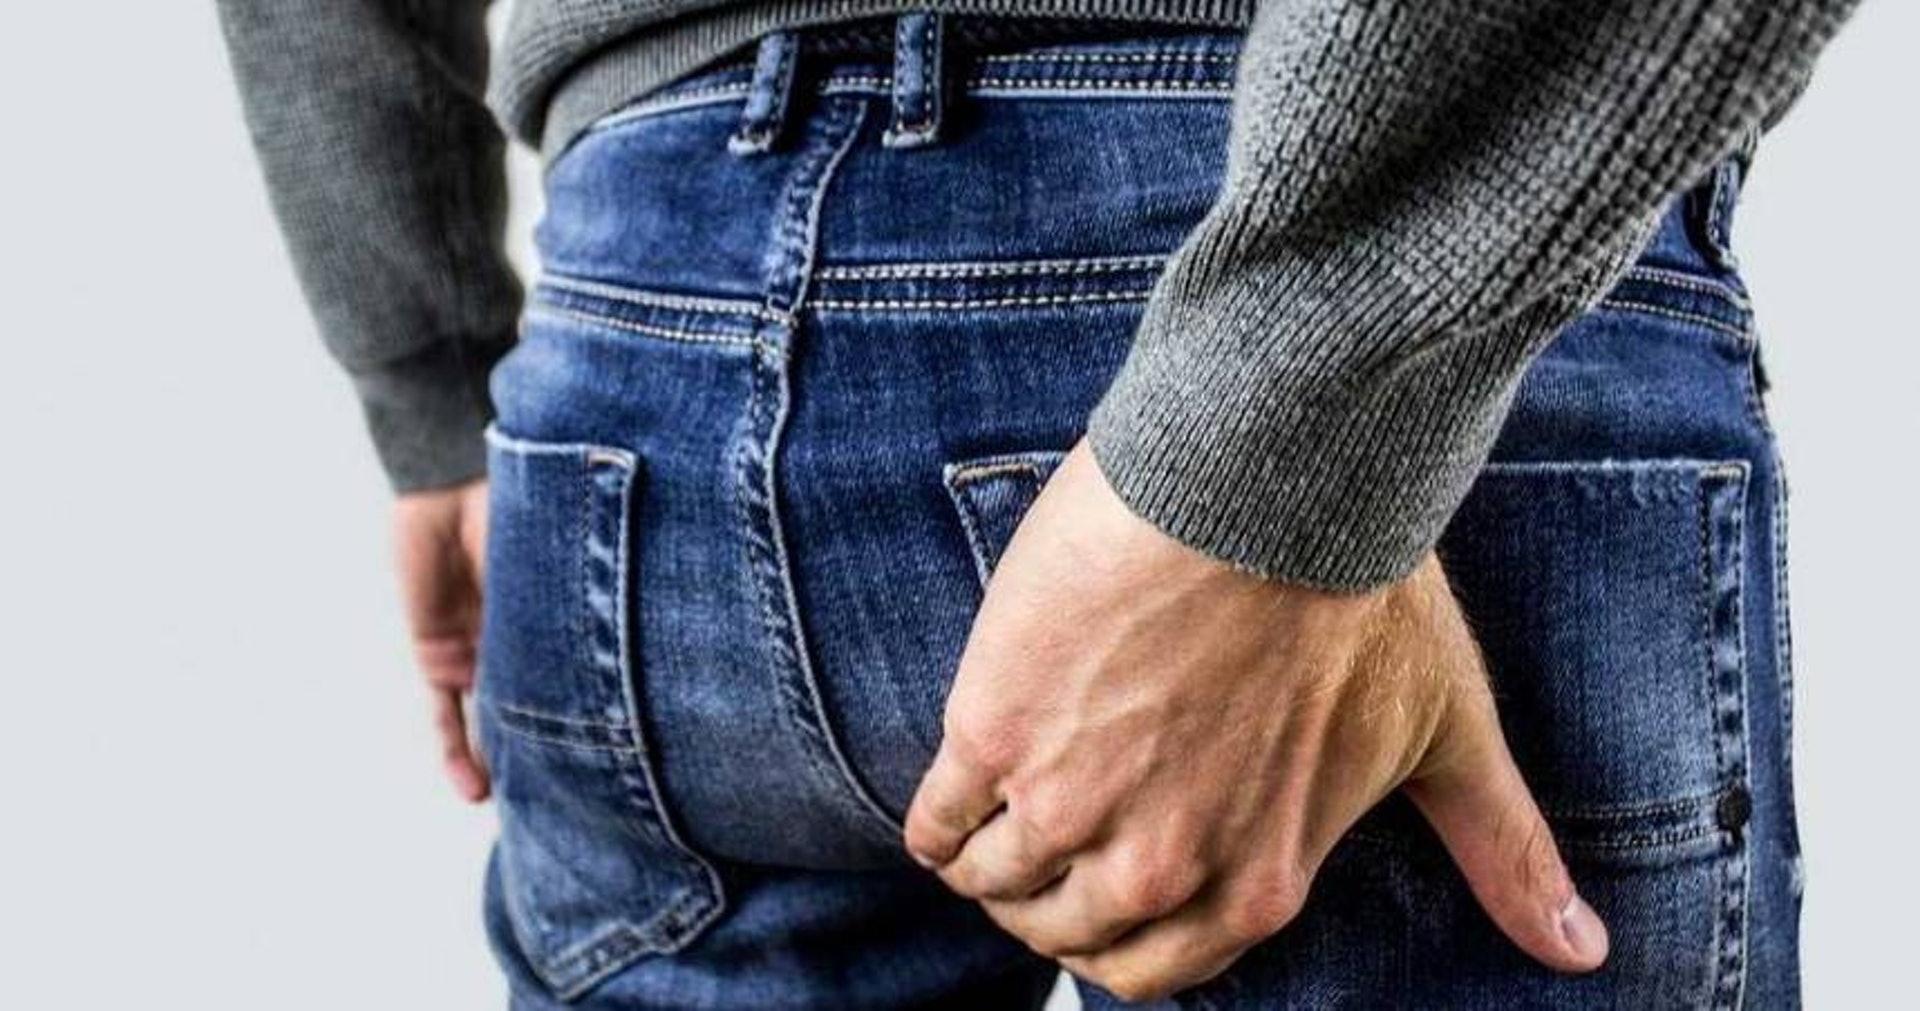 「直腸前列腺瘻」病症罕有,徵狀奇怪又令人尷尬。(圖片:ctwant)